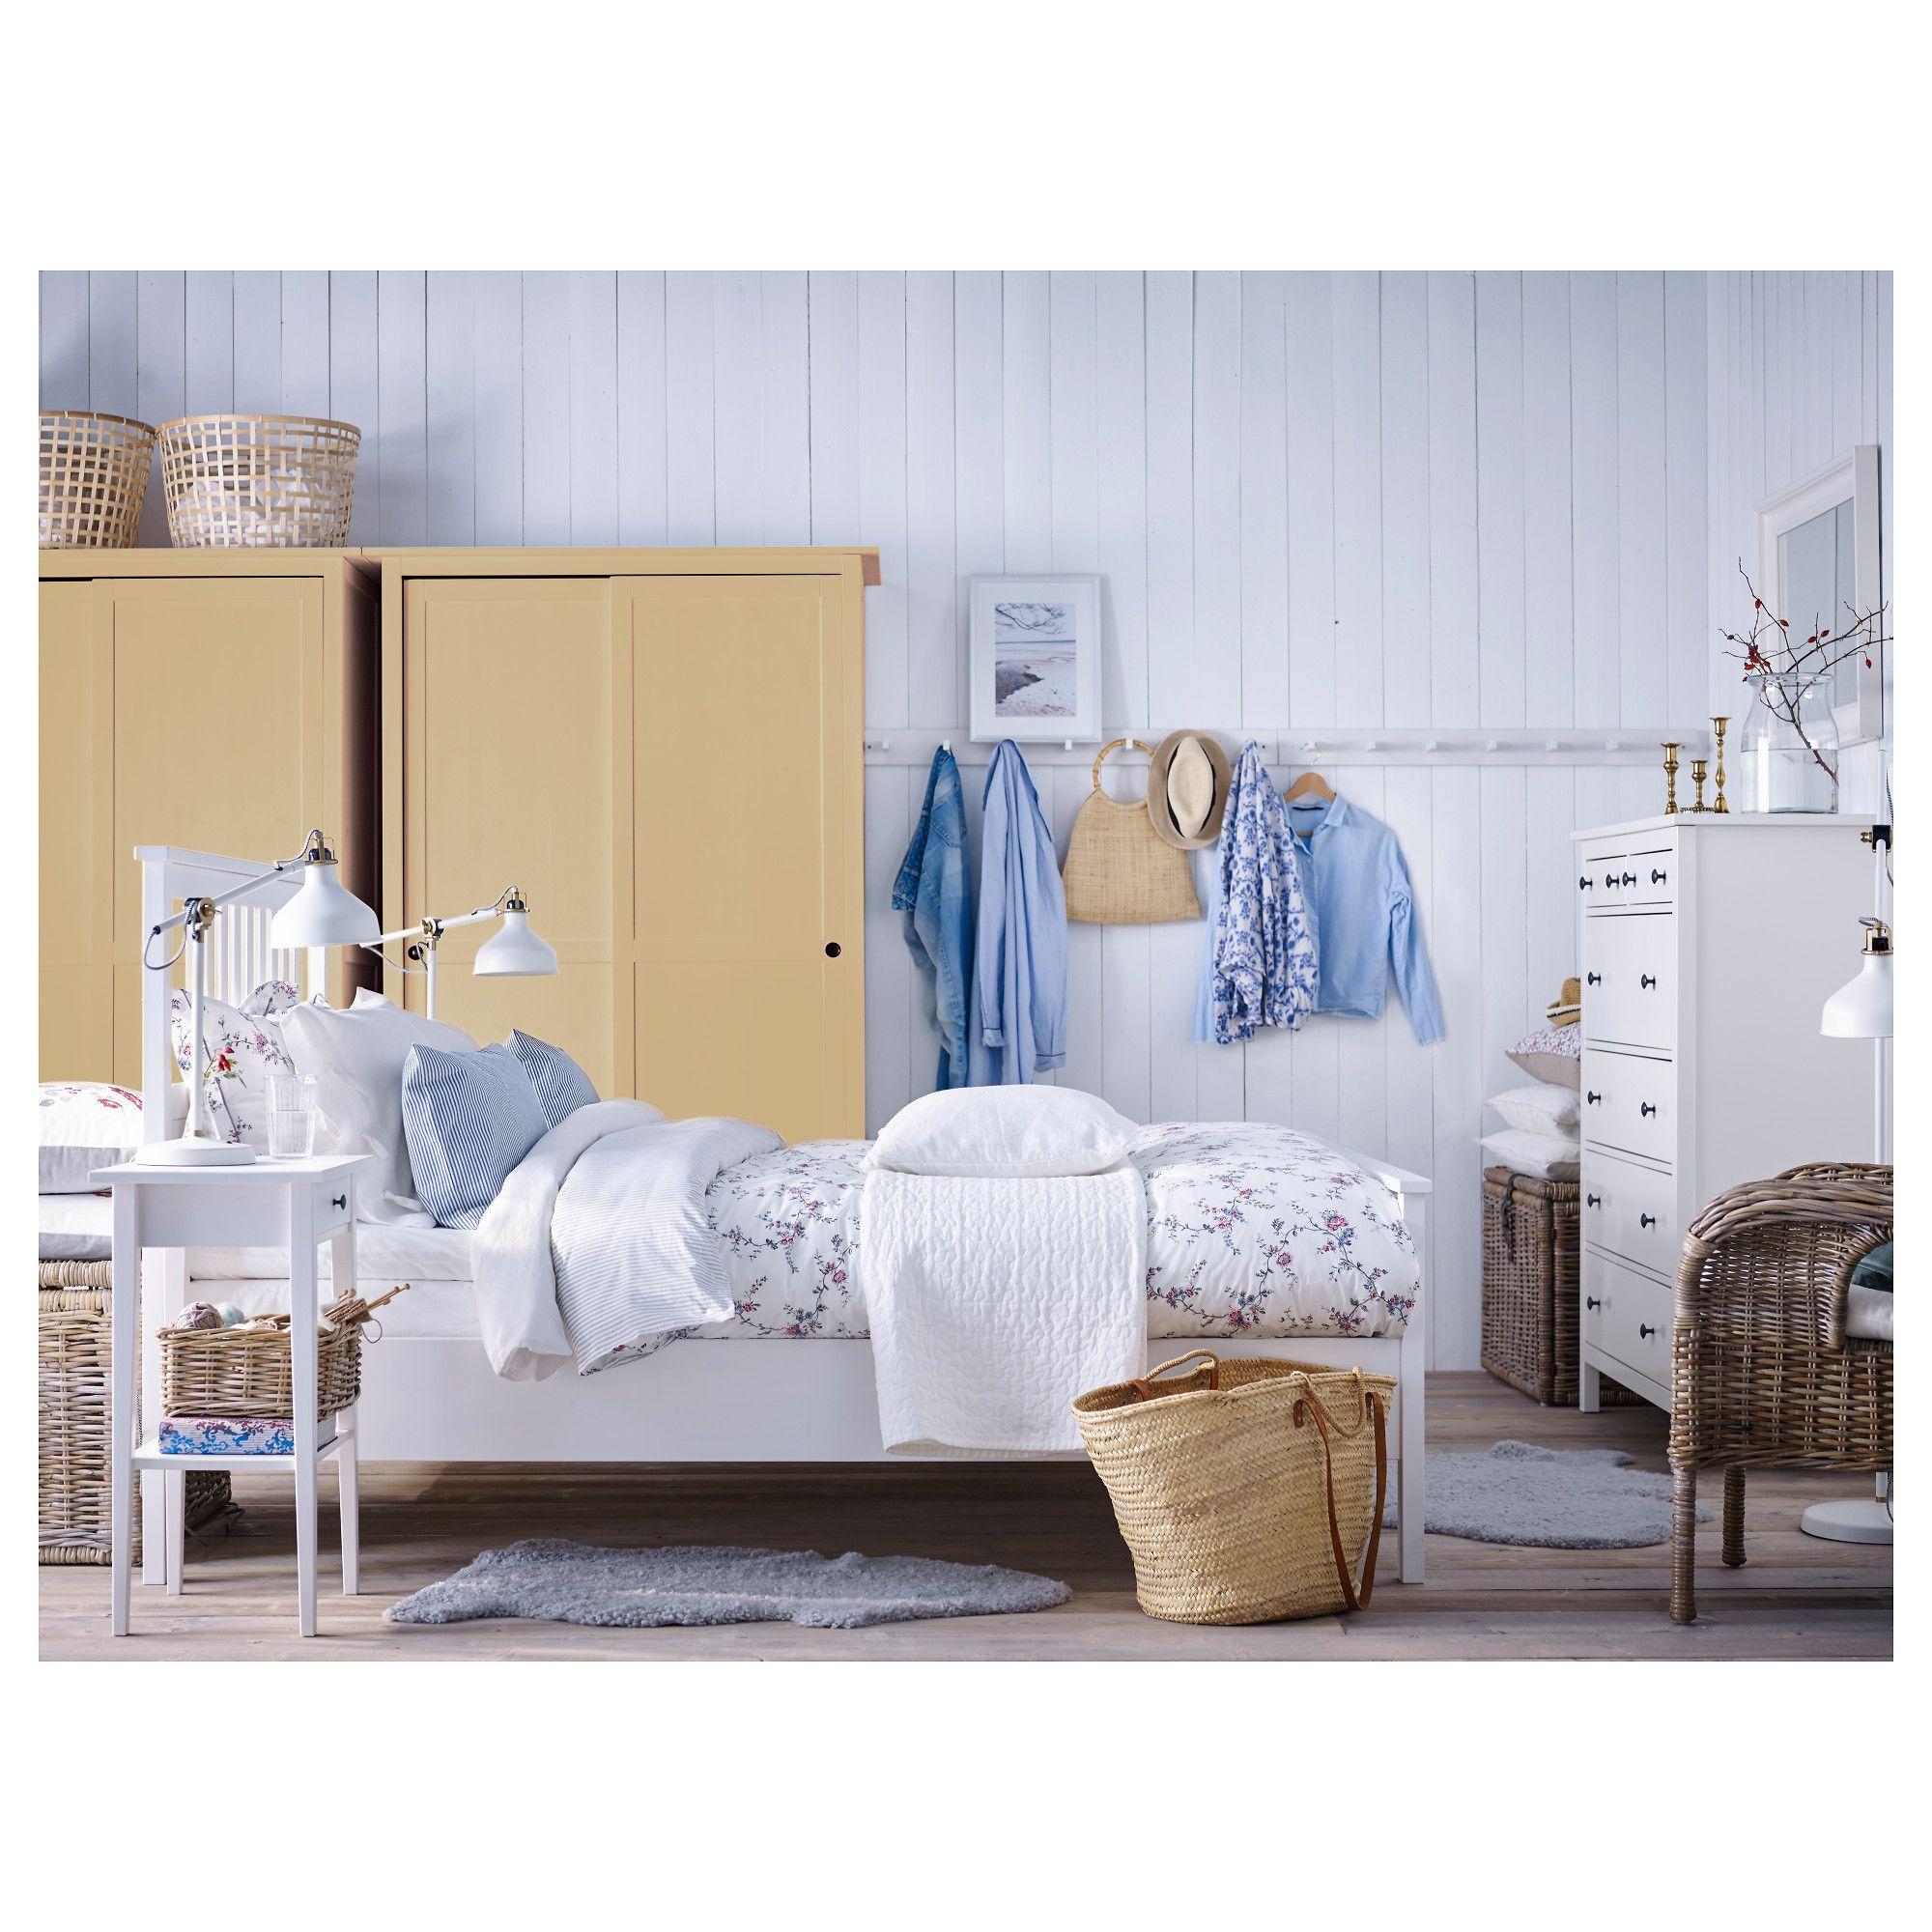 Furniture and Home Furnishings Hemnes, Pomysły ikea i Łóżka